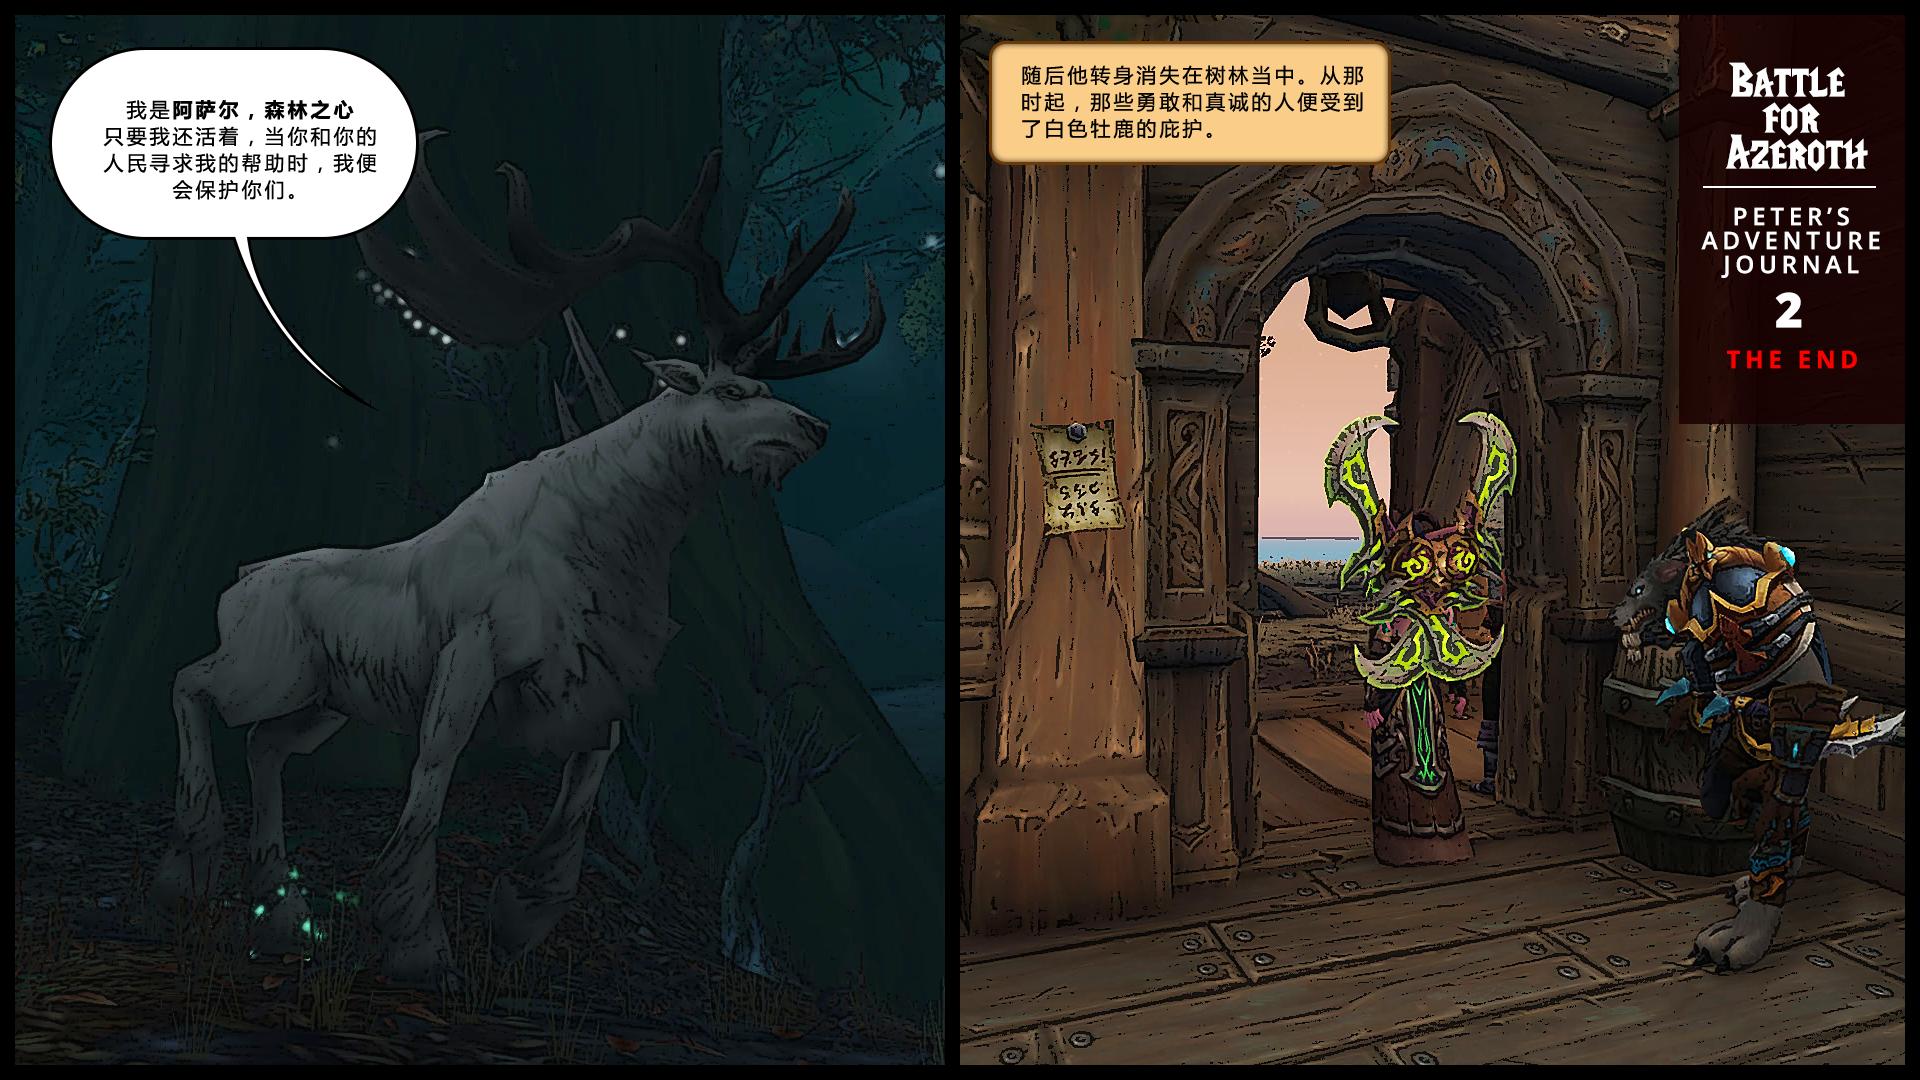 魔兽漫画彼得的冒险日志第二话 森林之心